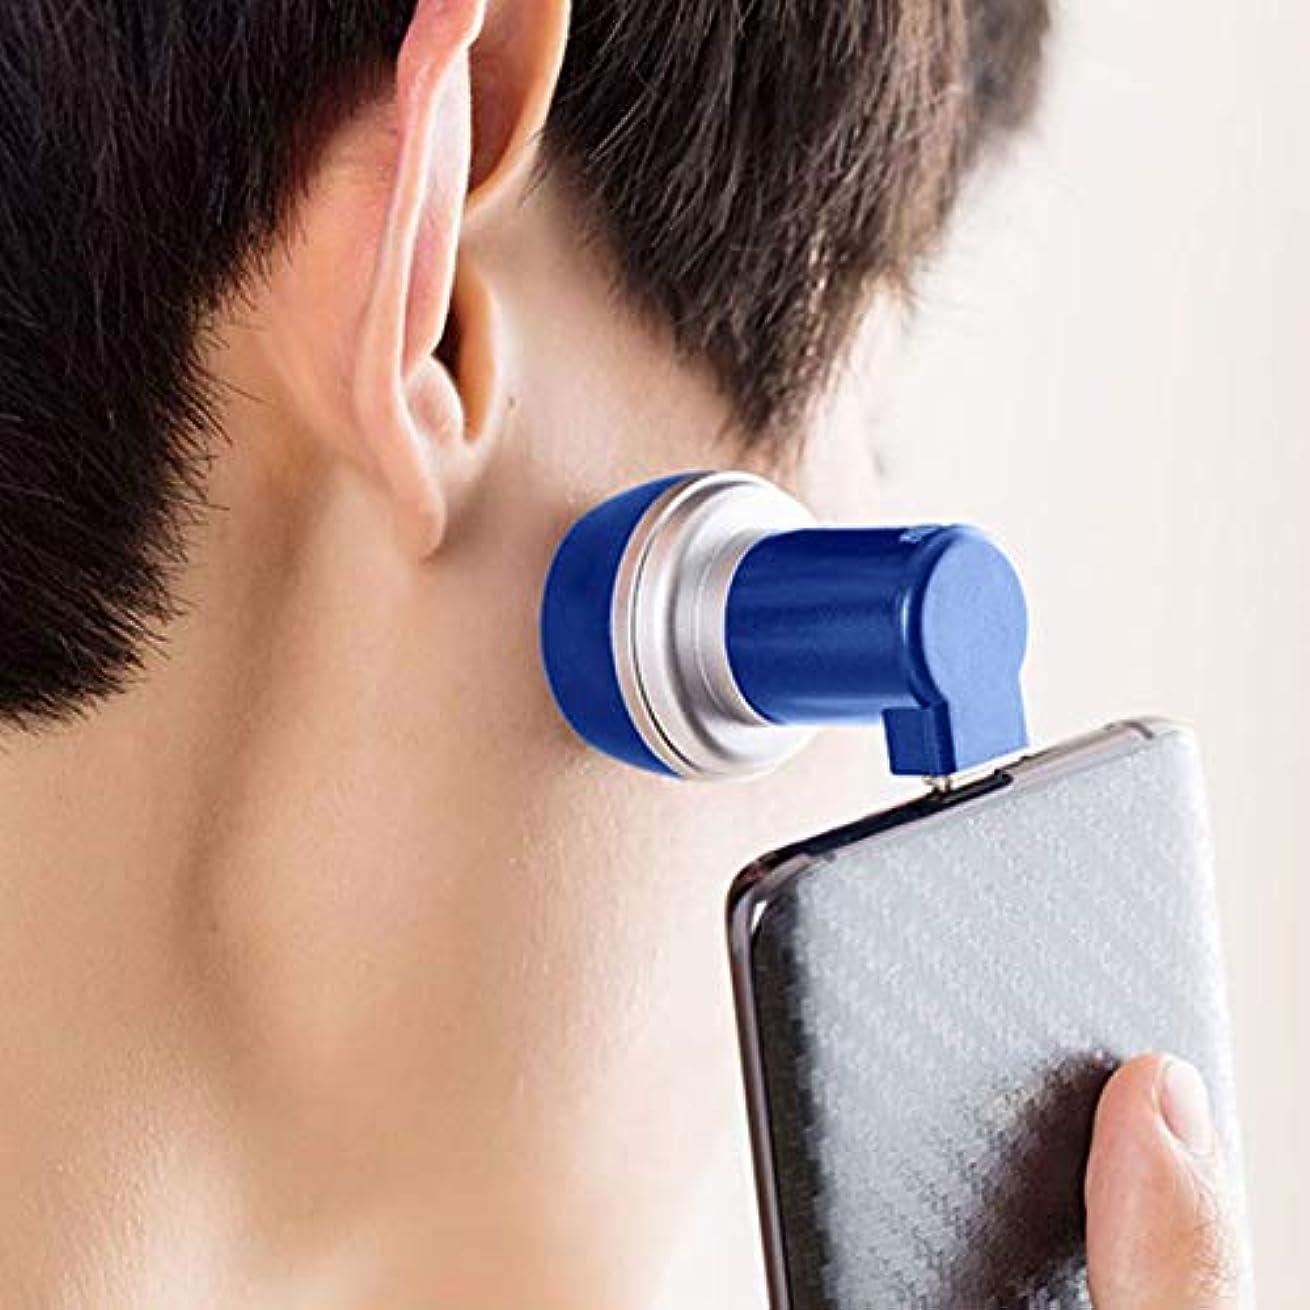 句読点神話水銀のメンズ 電気 シェーバー 髭剃り 回転式 ミニ 電動ひげそり 携帯電話/USB充電式 持ち運び便利 ビジネス 海外対応 type-c/USB/lightningポート (サファイアブルー, Lighting(IOS))